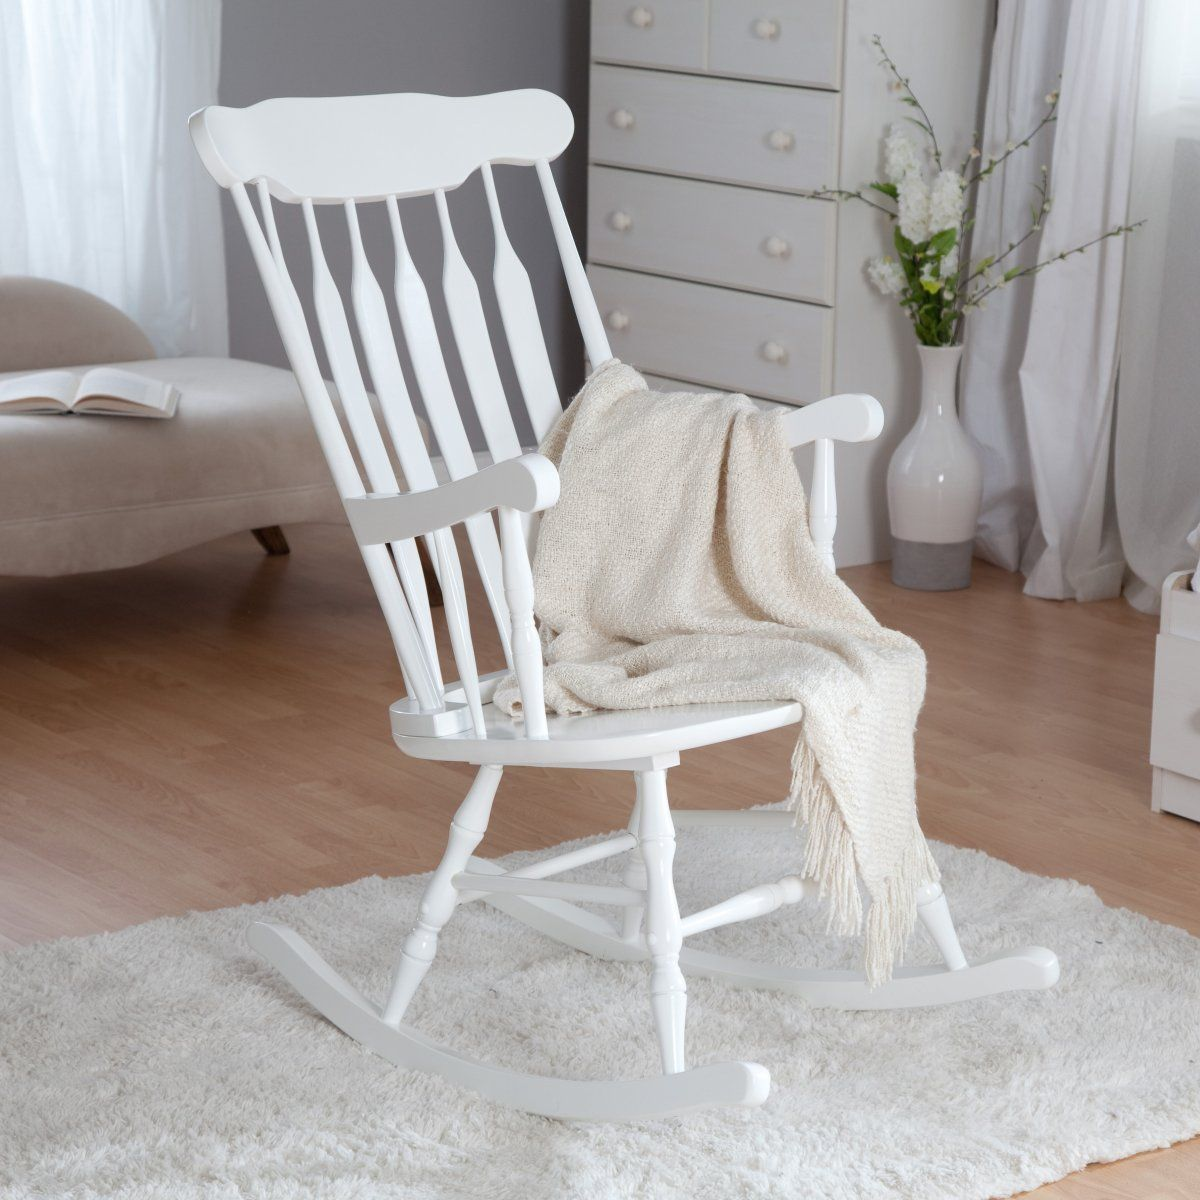 KidKraft Nursery Rocker White Rocking Chairs at